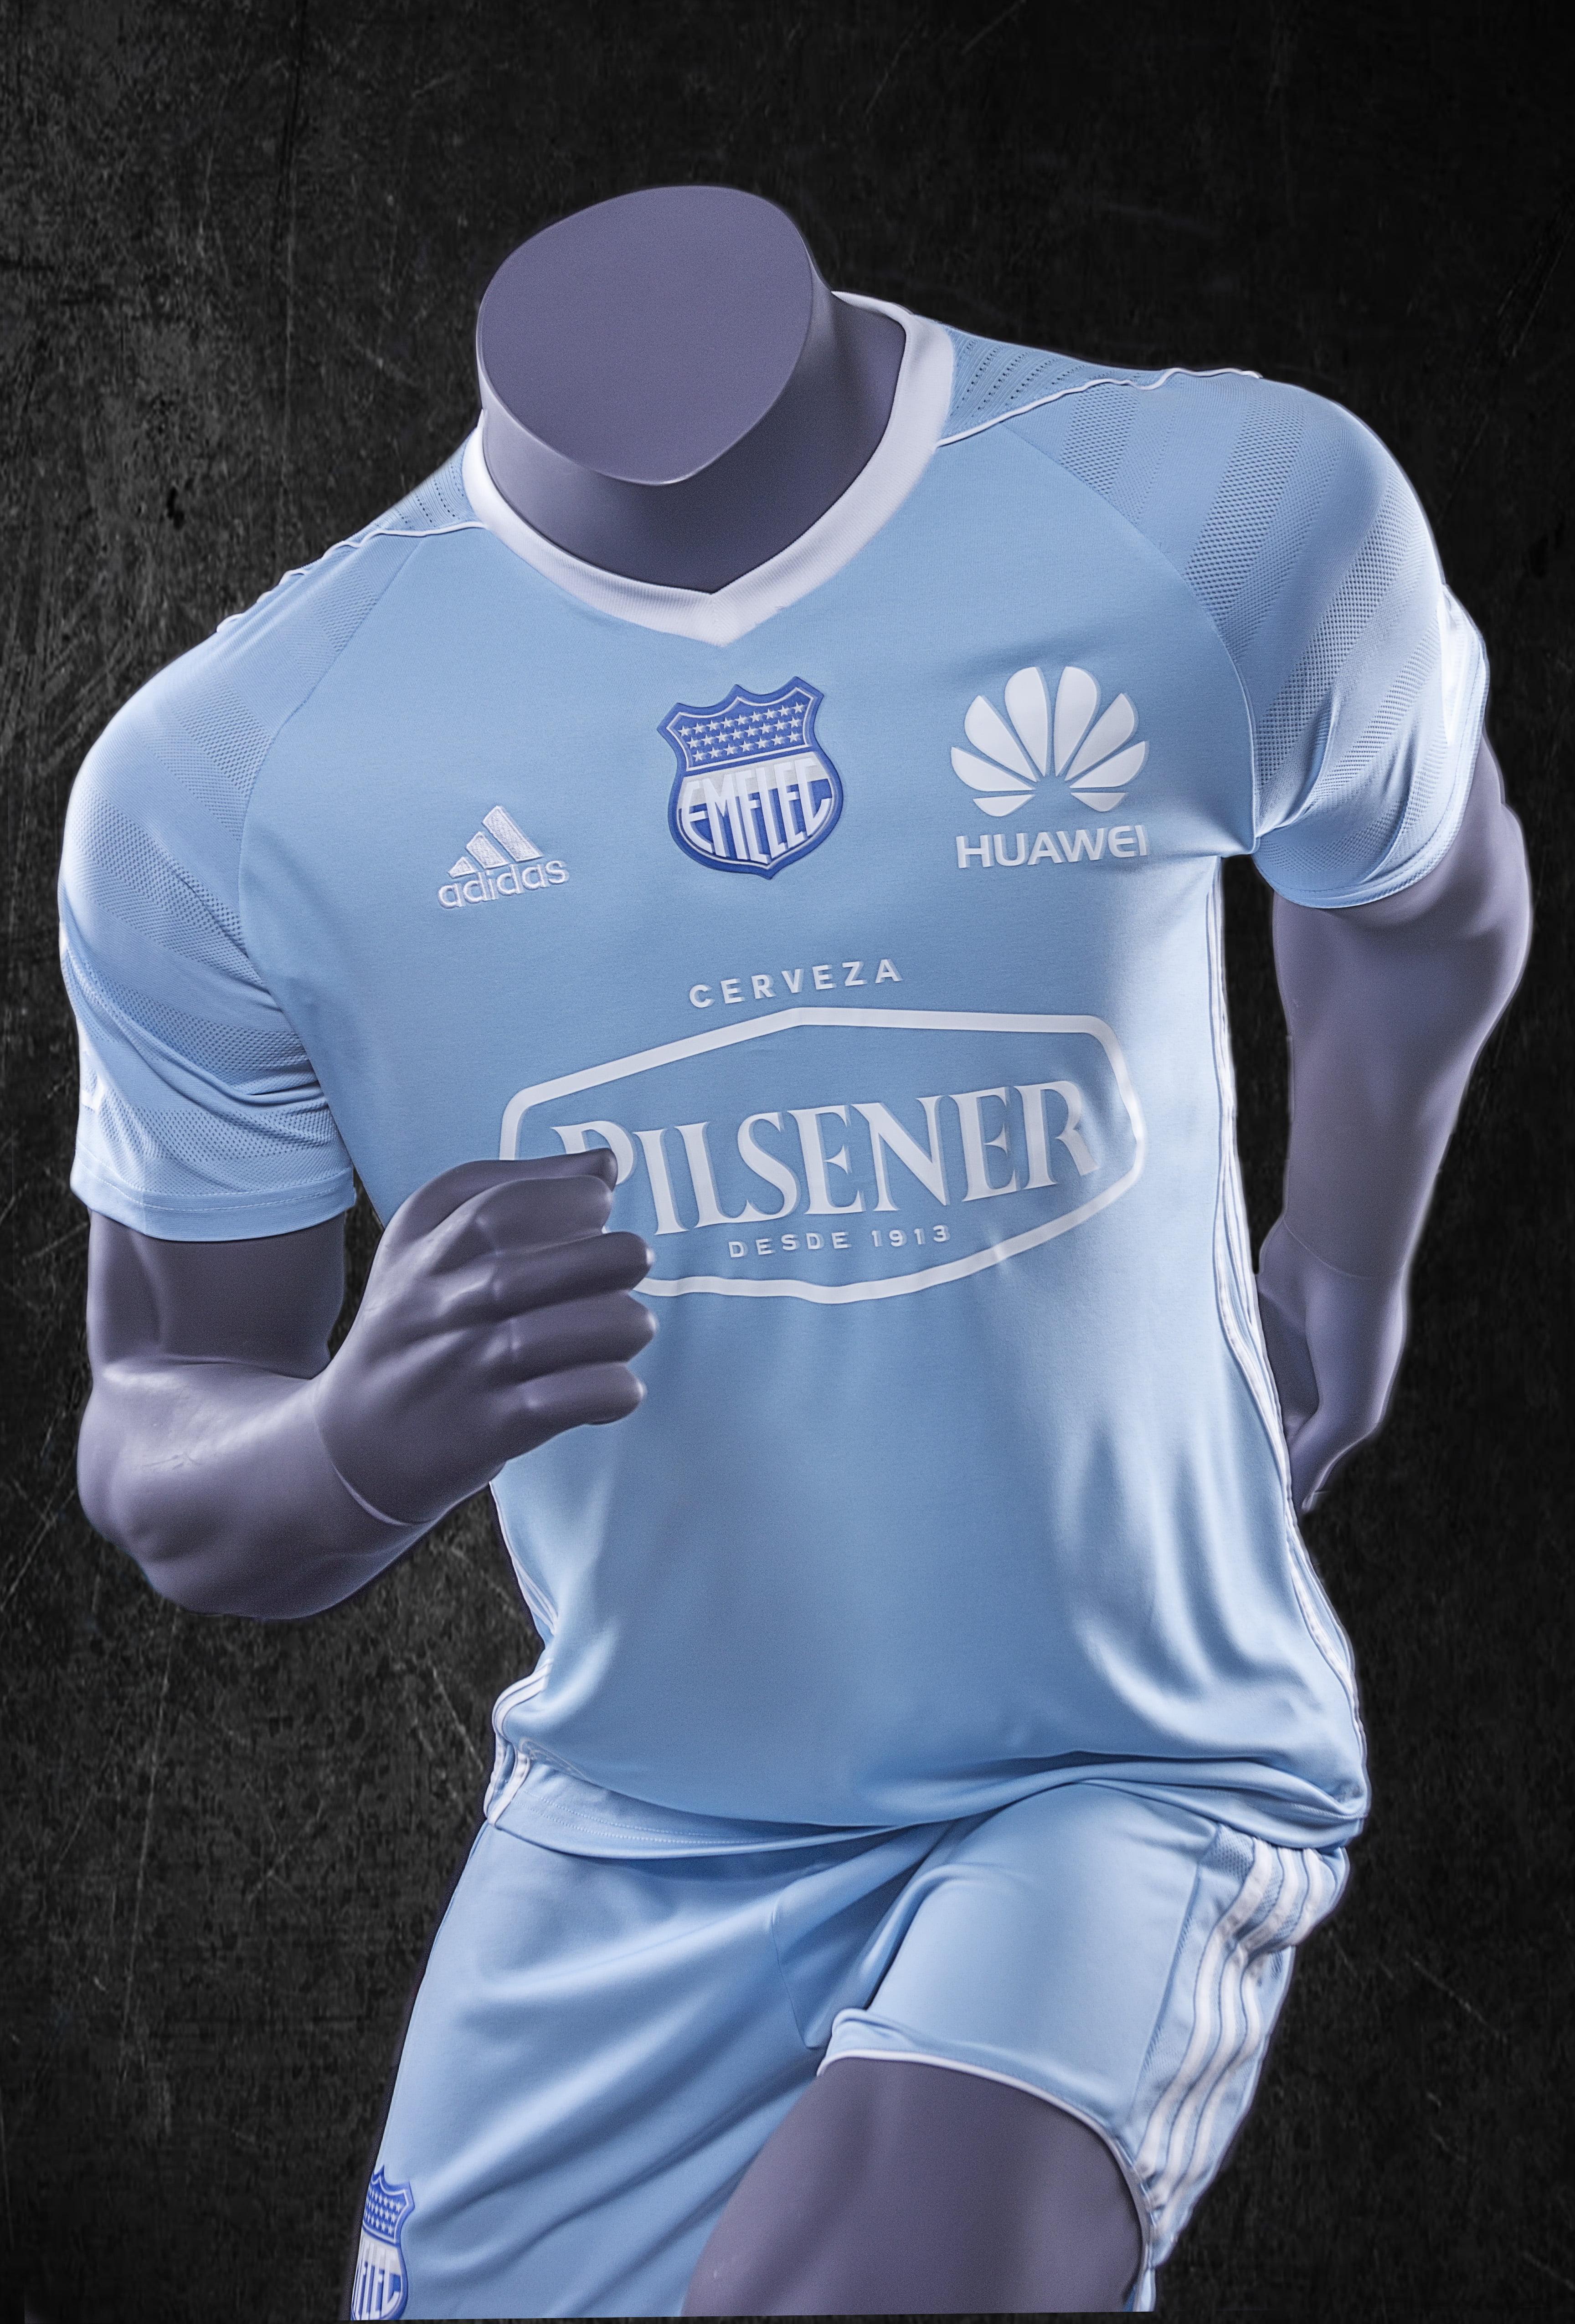 La tercera camiseta de Emelec para Torneos internacionales c518e7b96a3